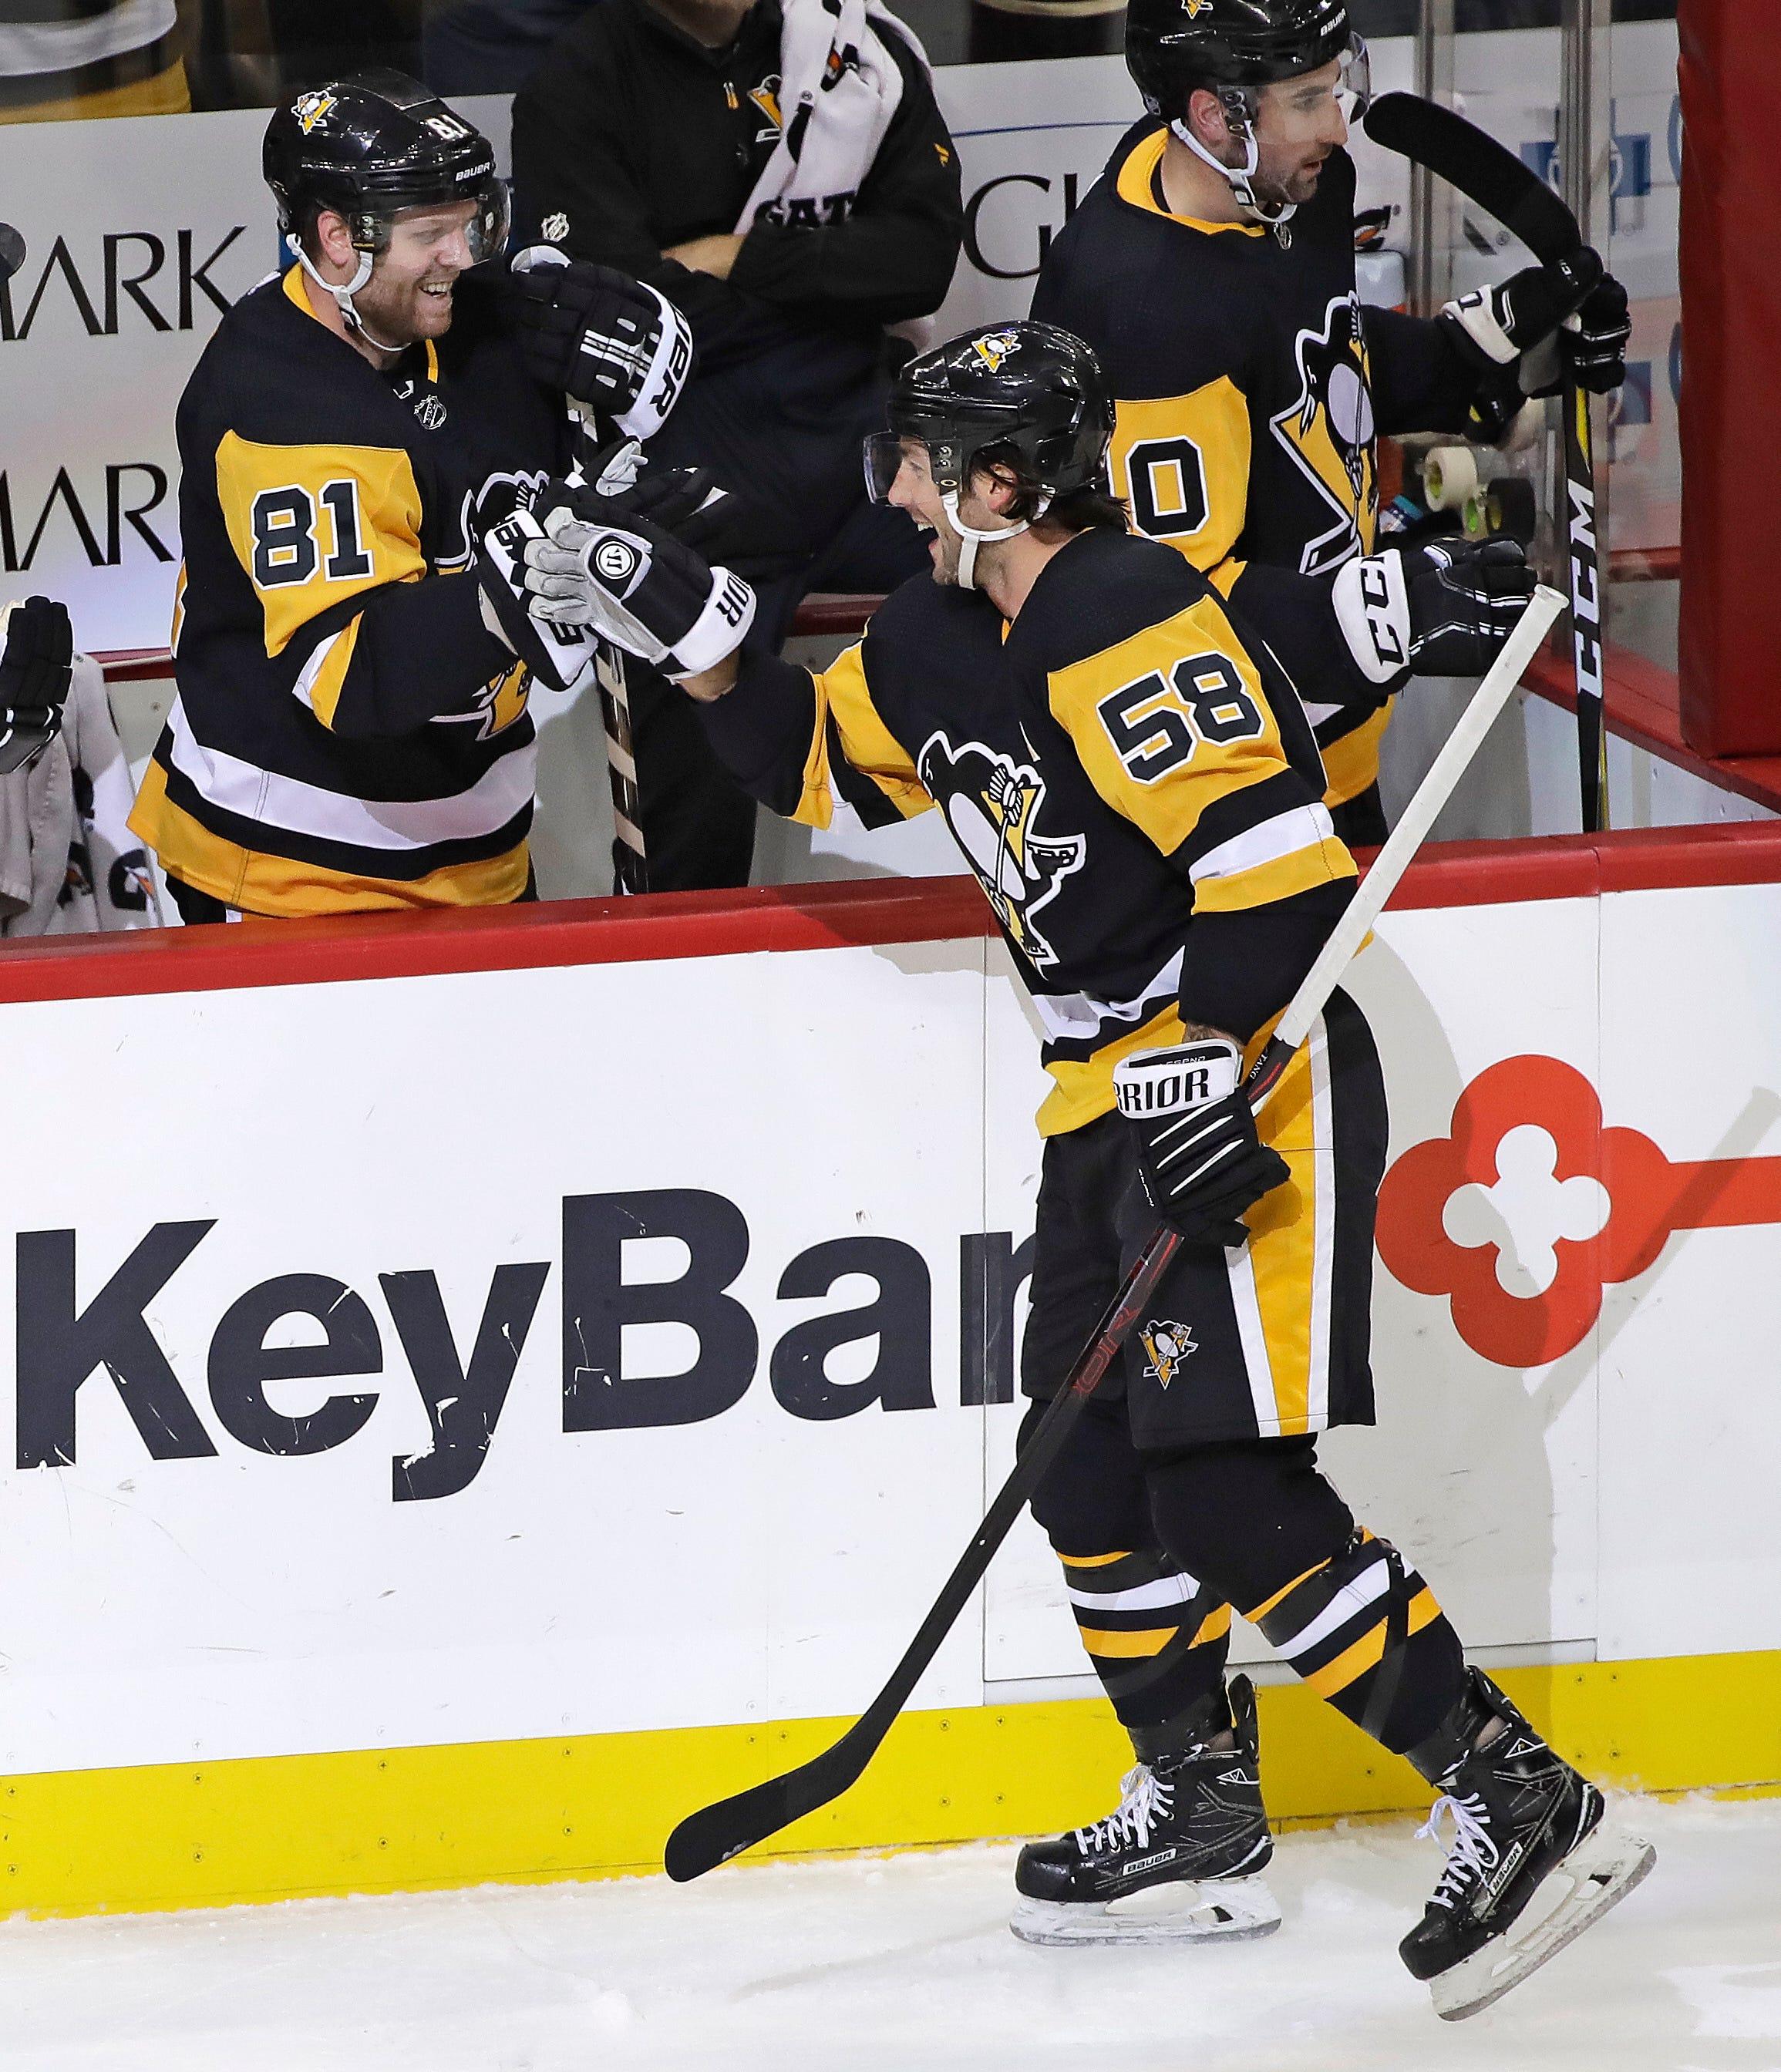 Kessel, Letang score twice, lead Pens past Islanders